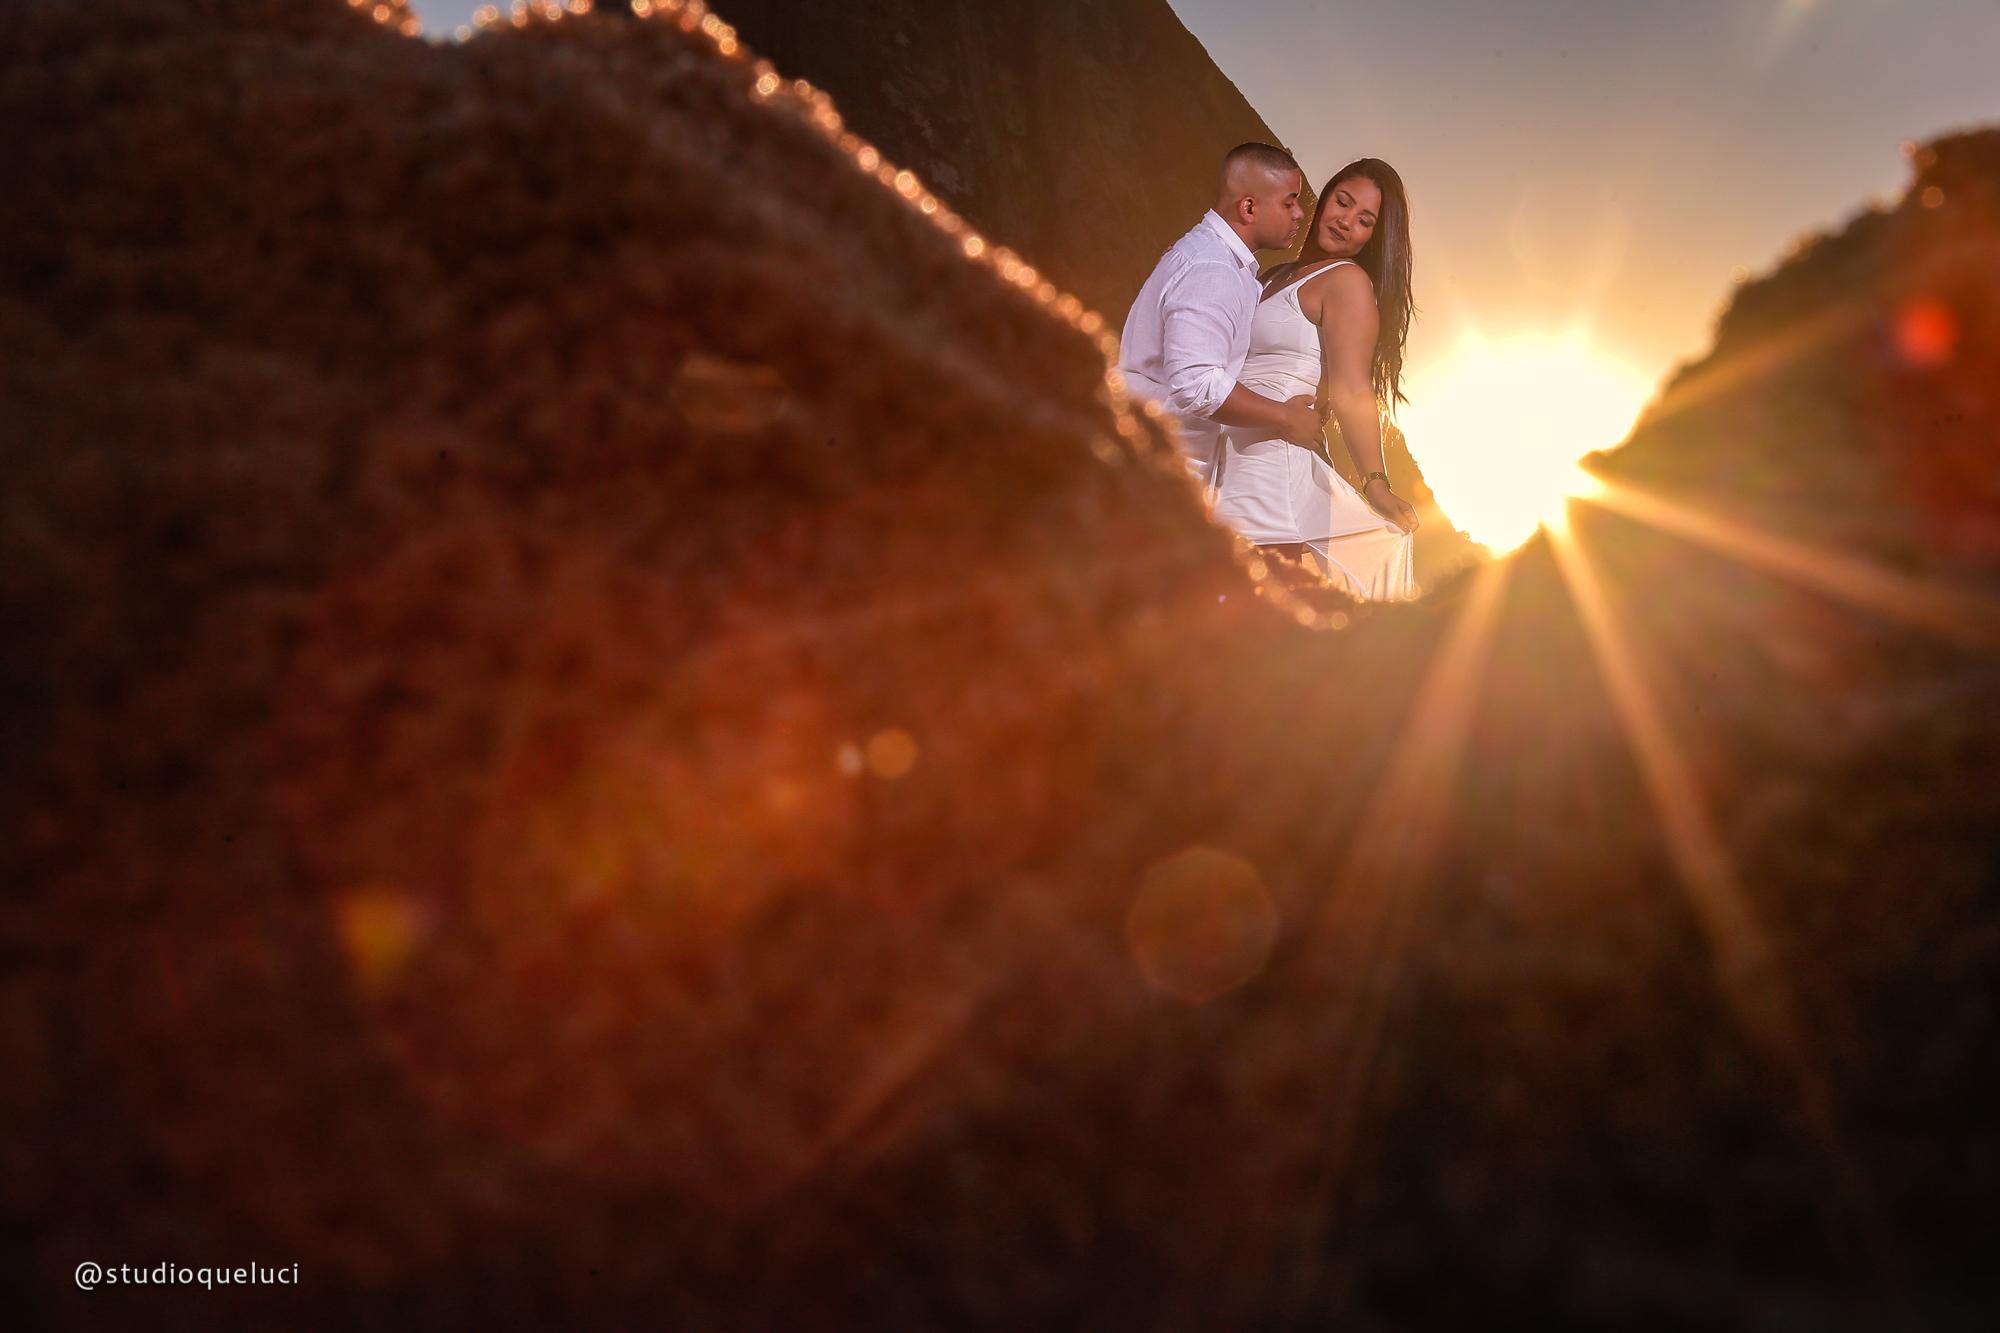 Fotografo de casamento ensaio pre casamento (125)